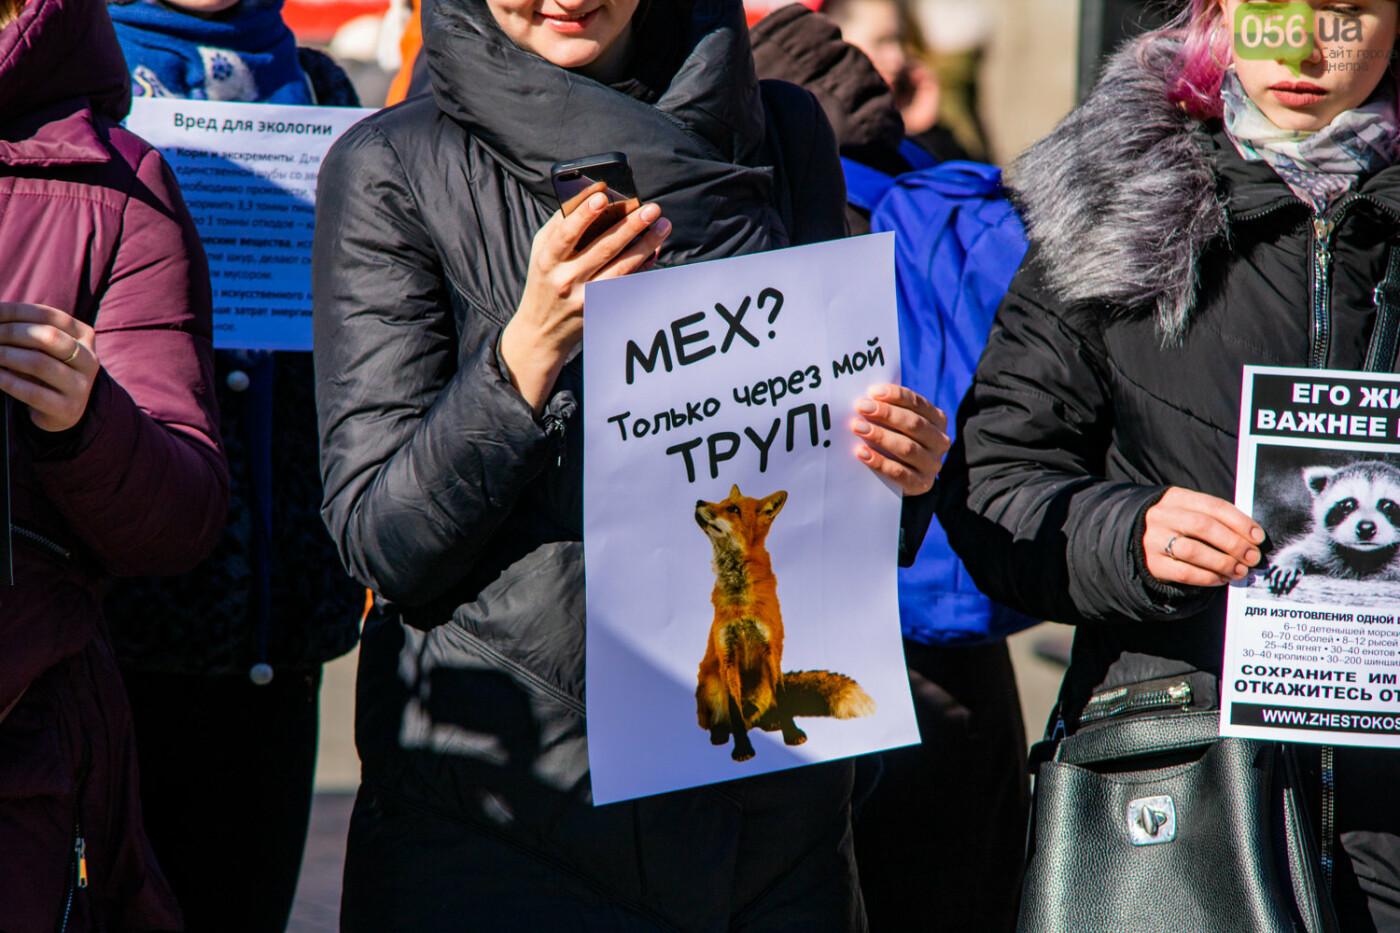 Полярная лиса, законопроект и кричащие плакаты: как в центре Днепра прошла антимеховая акция, - ФОТОРЕПОРТАЖ, ВИДЕО, фото-2